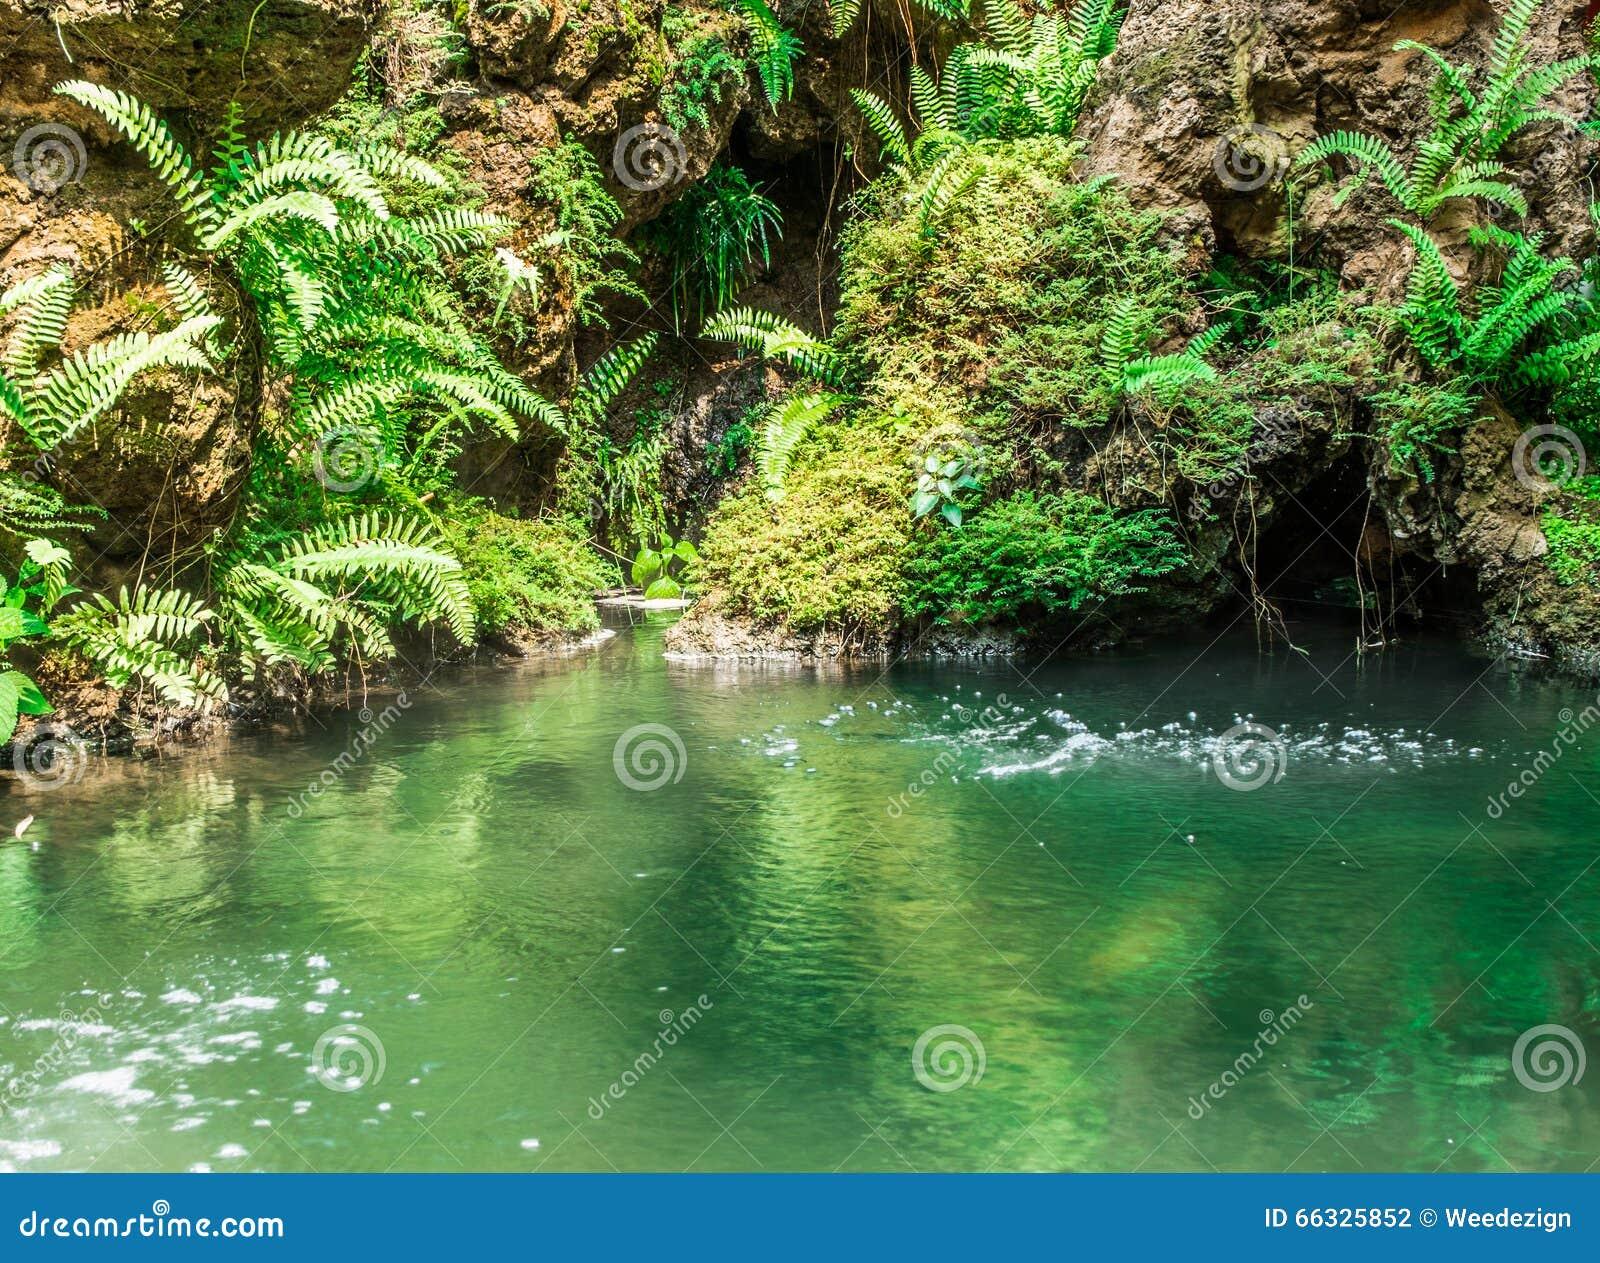 Wasserfall mit teich im garten stockfoto bild 66325852 for Wasserfall teich